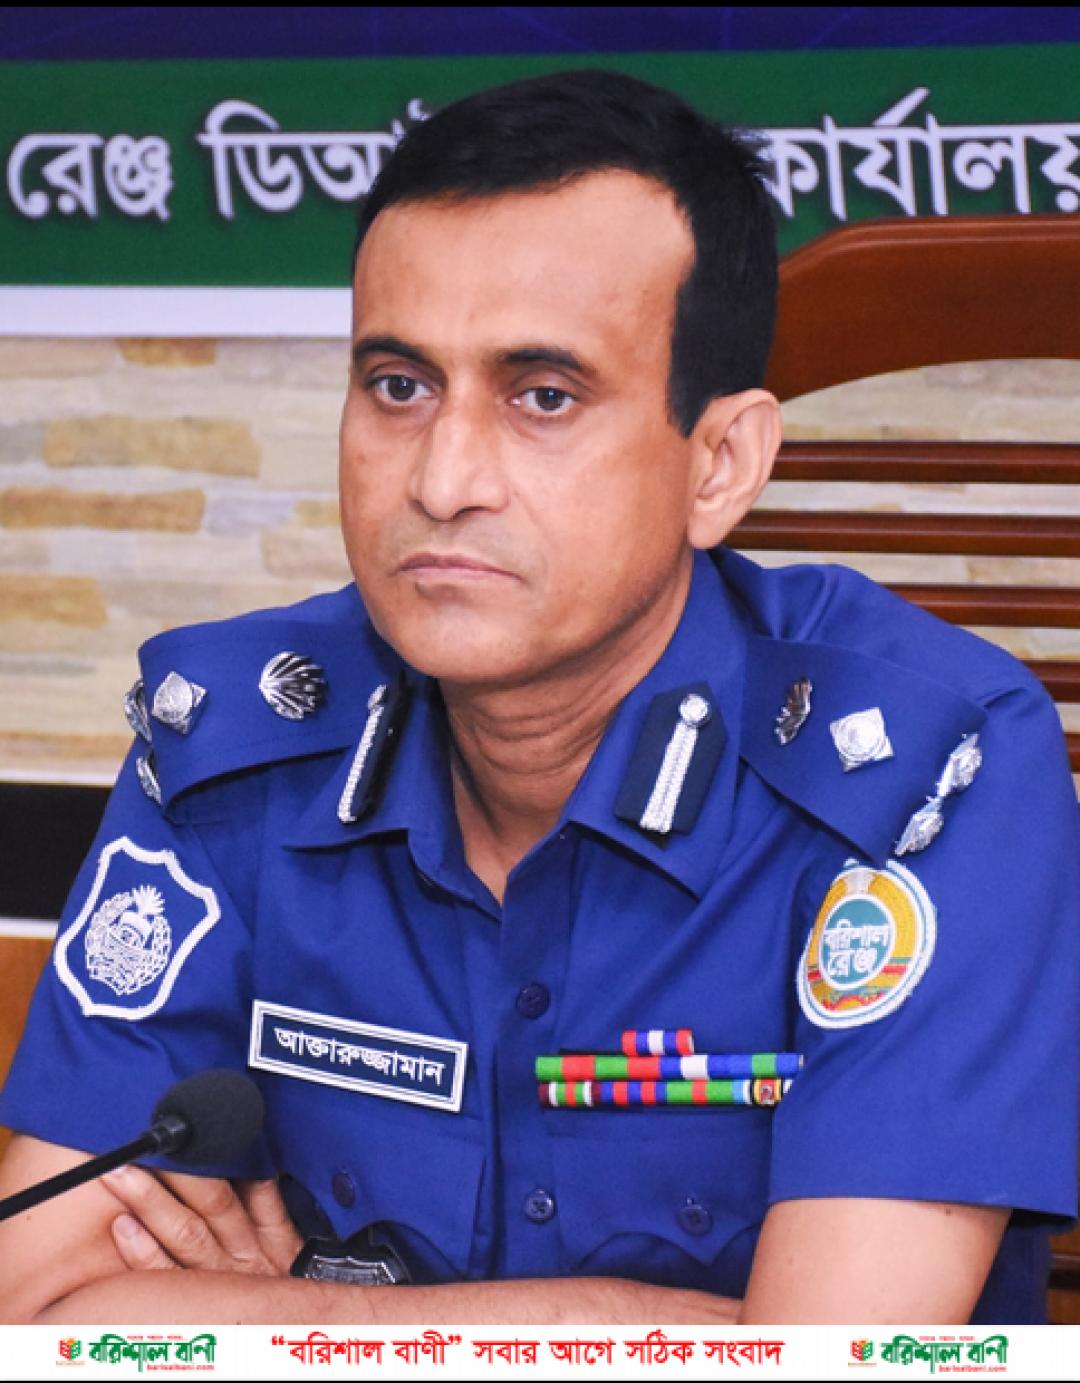 DIG Akter Police